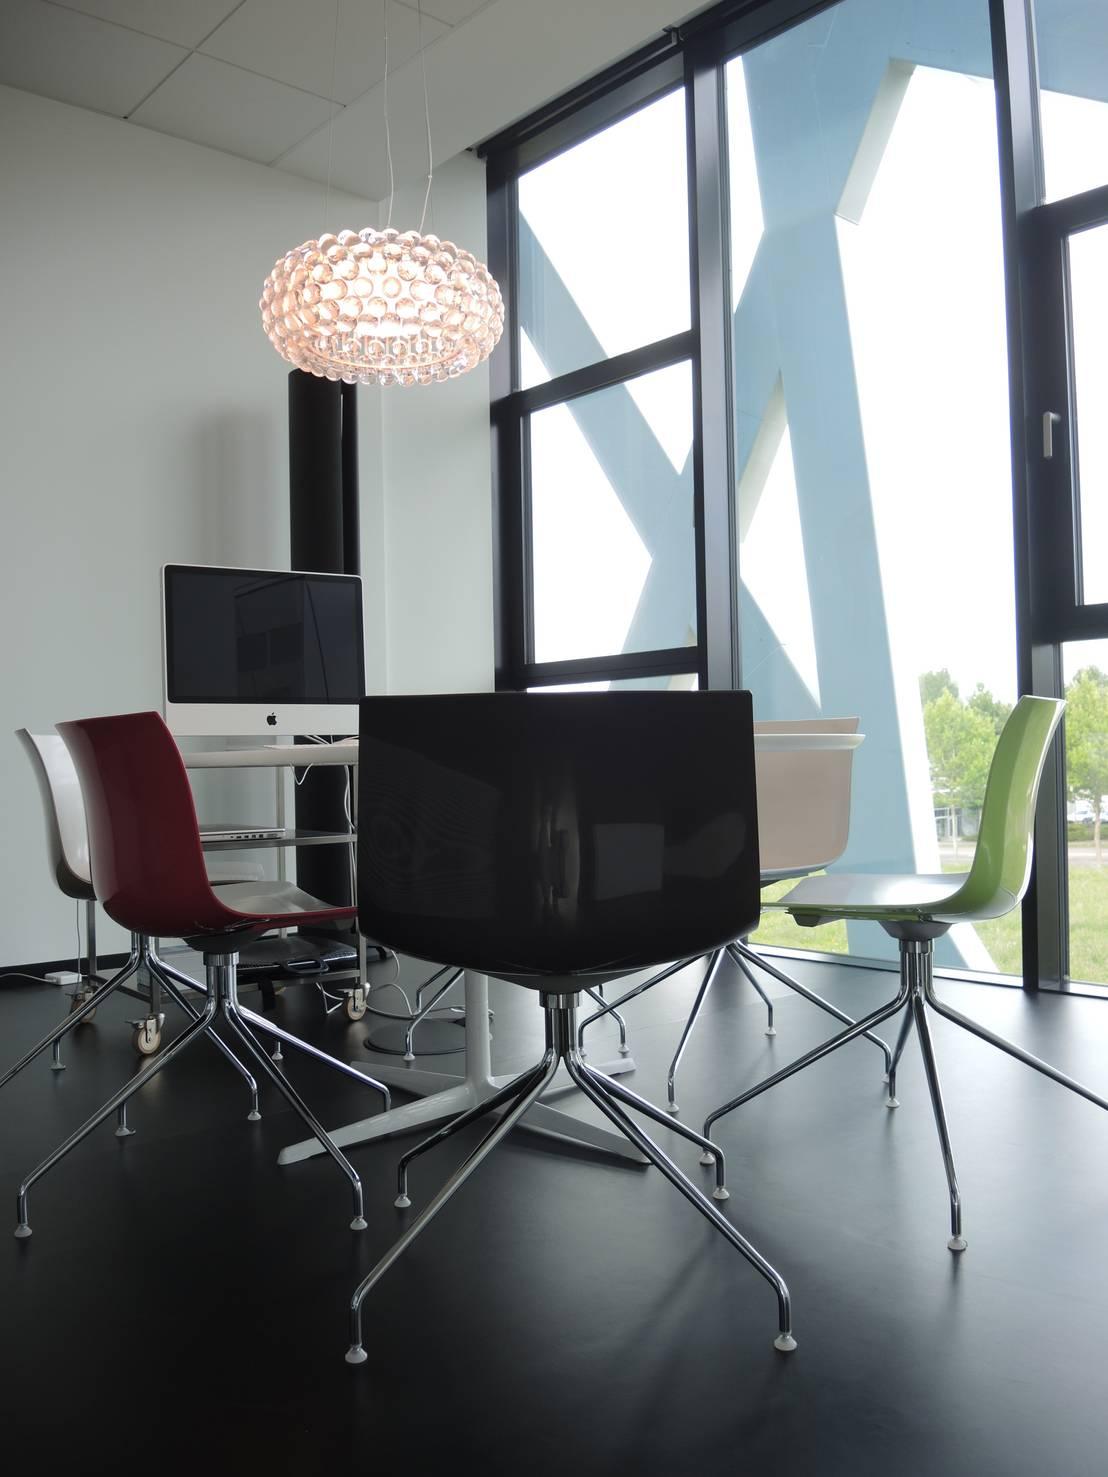 agentur bamberg heilbronn von schaich innenarchitektur. Black Bedroom Furniture Sets. Home Design Ideas